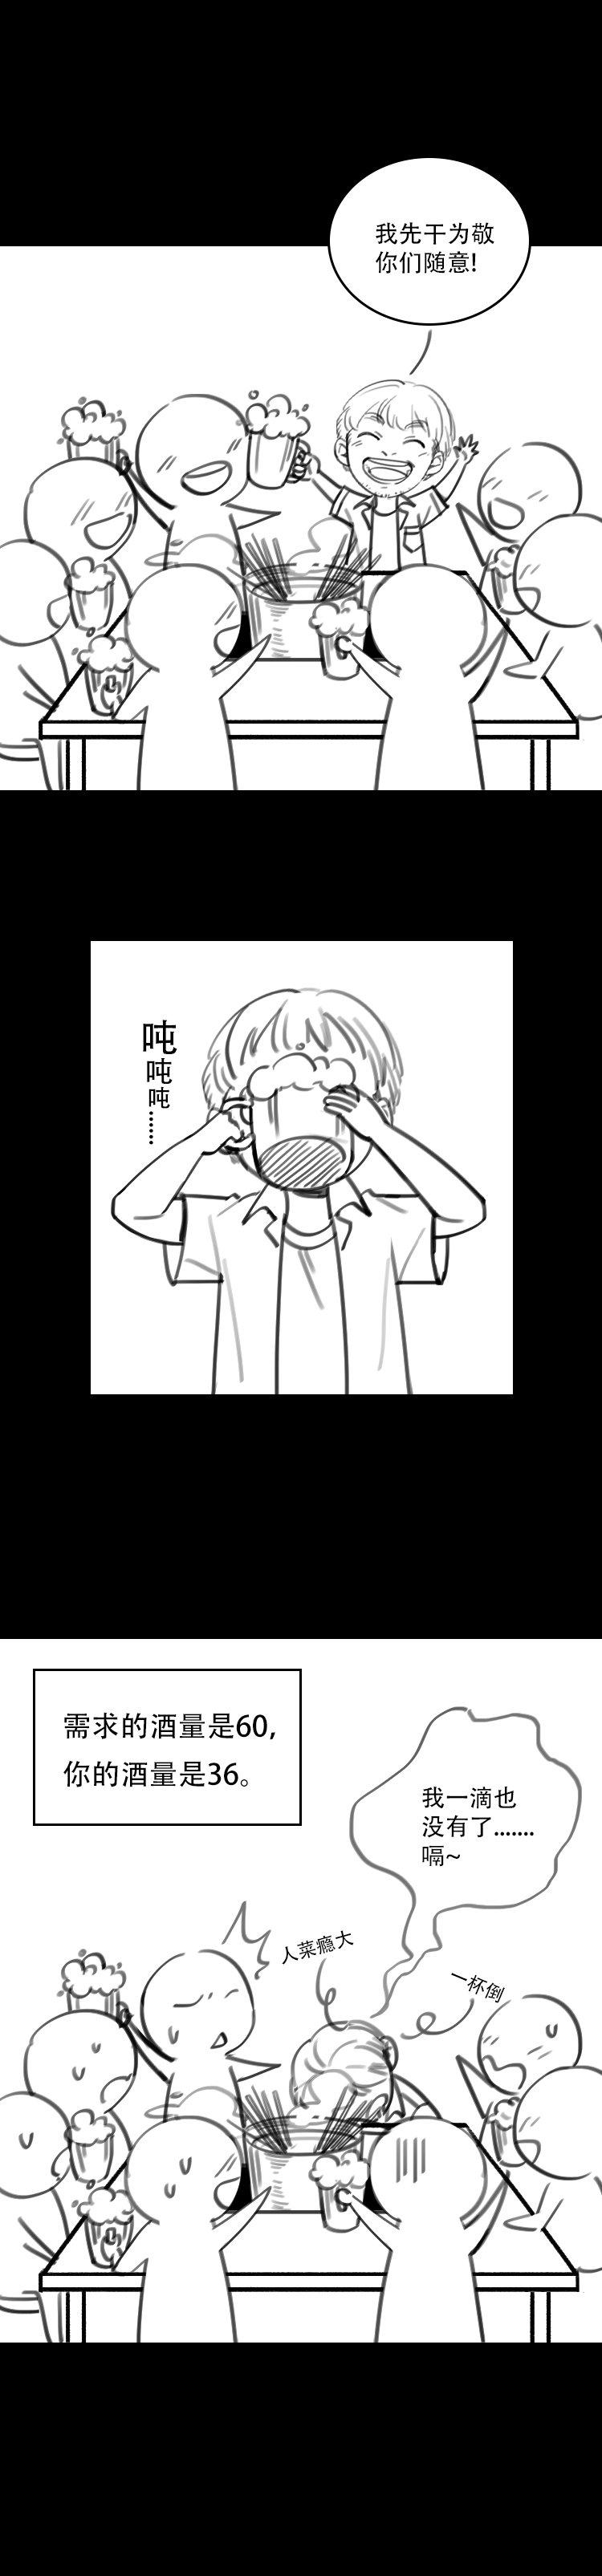 【漫画】大头和他的小伙伴(二)